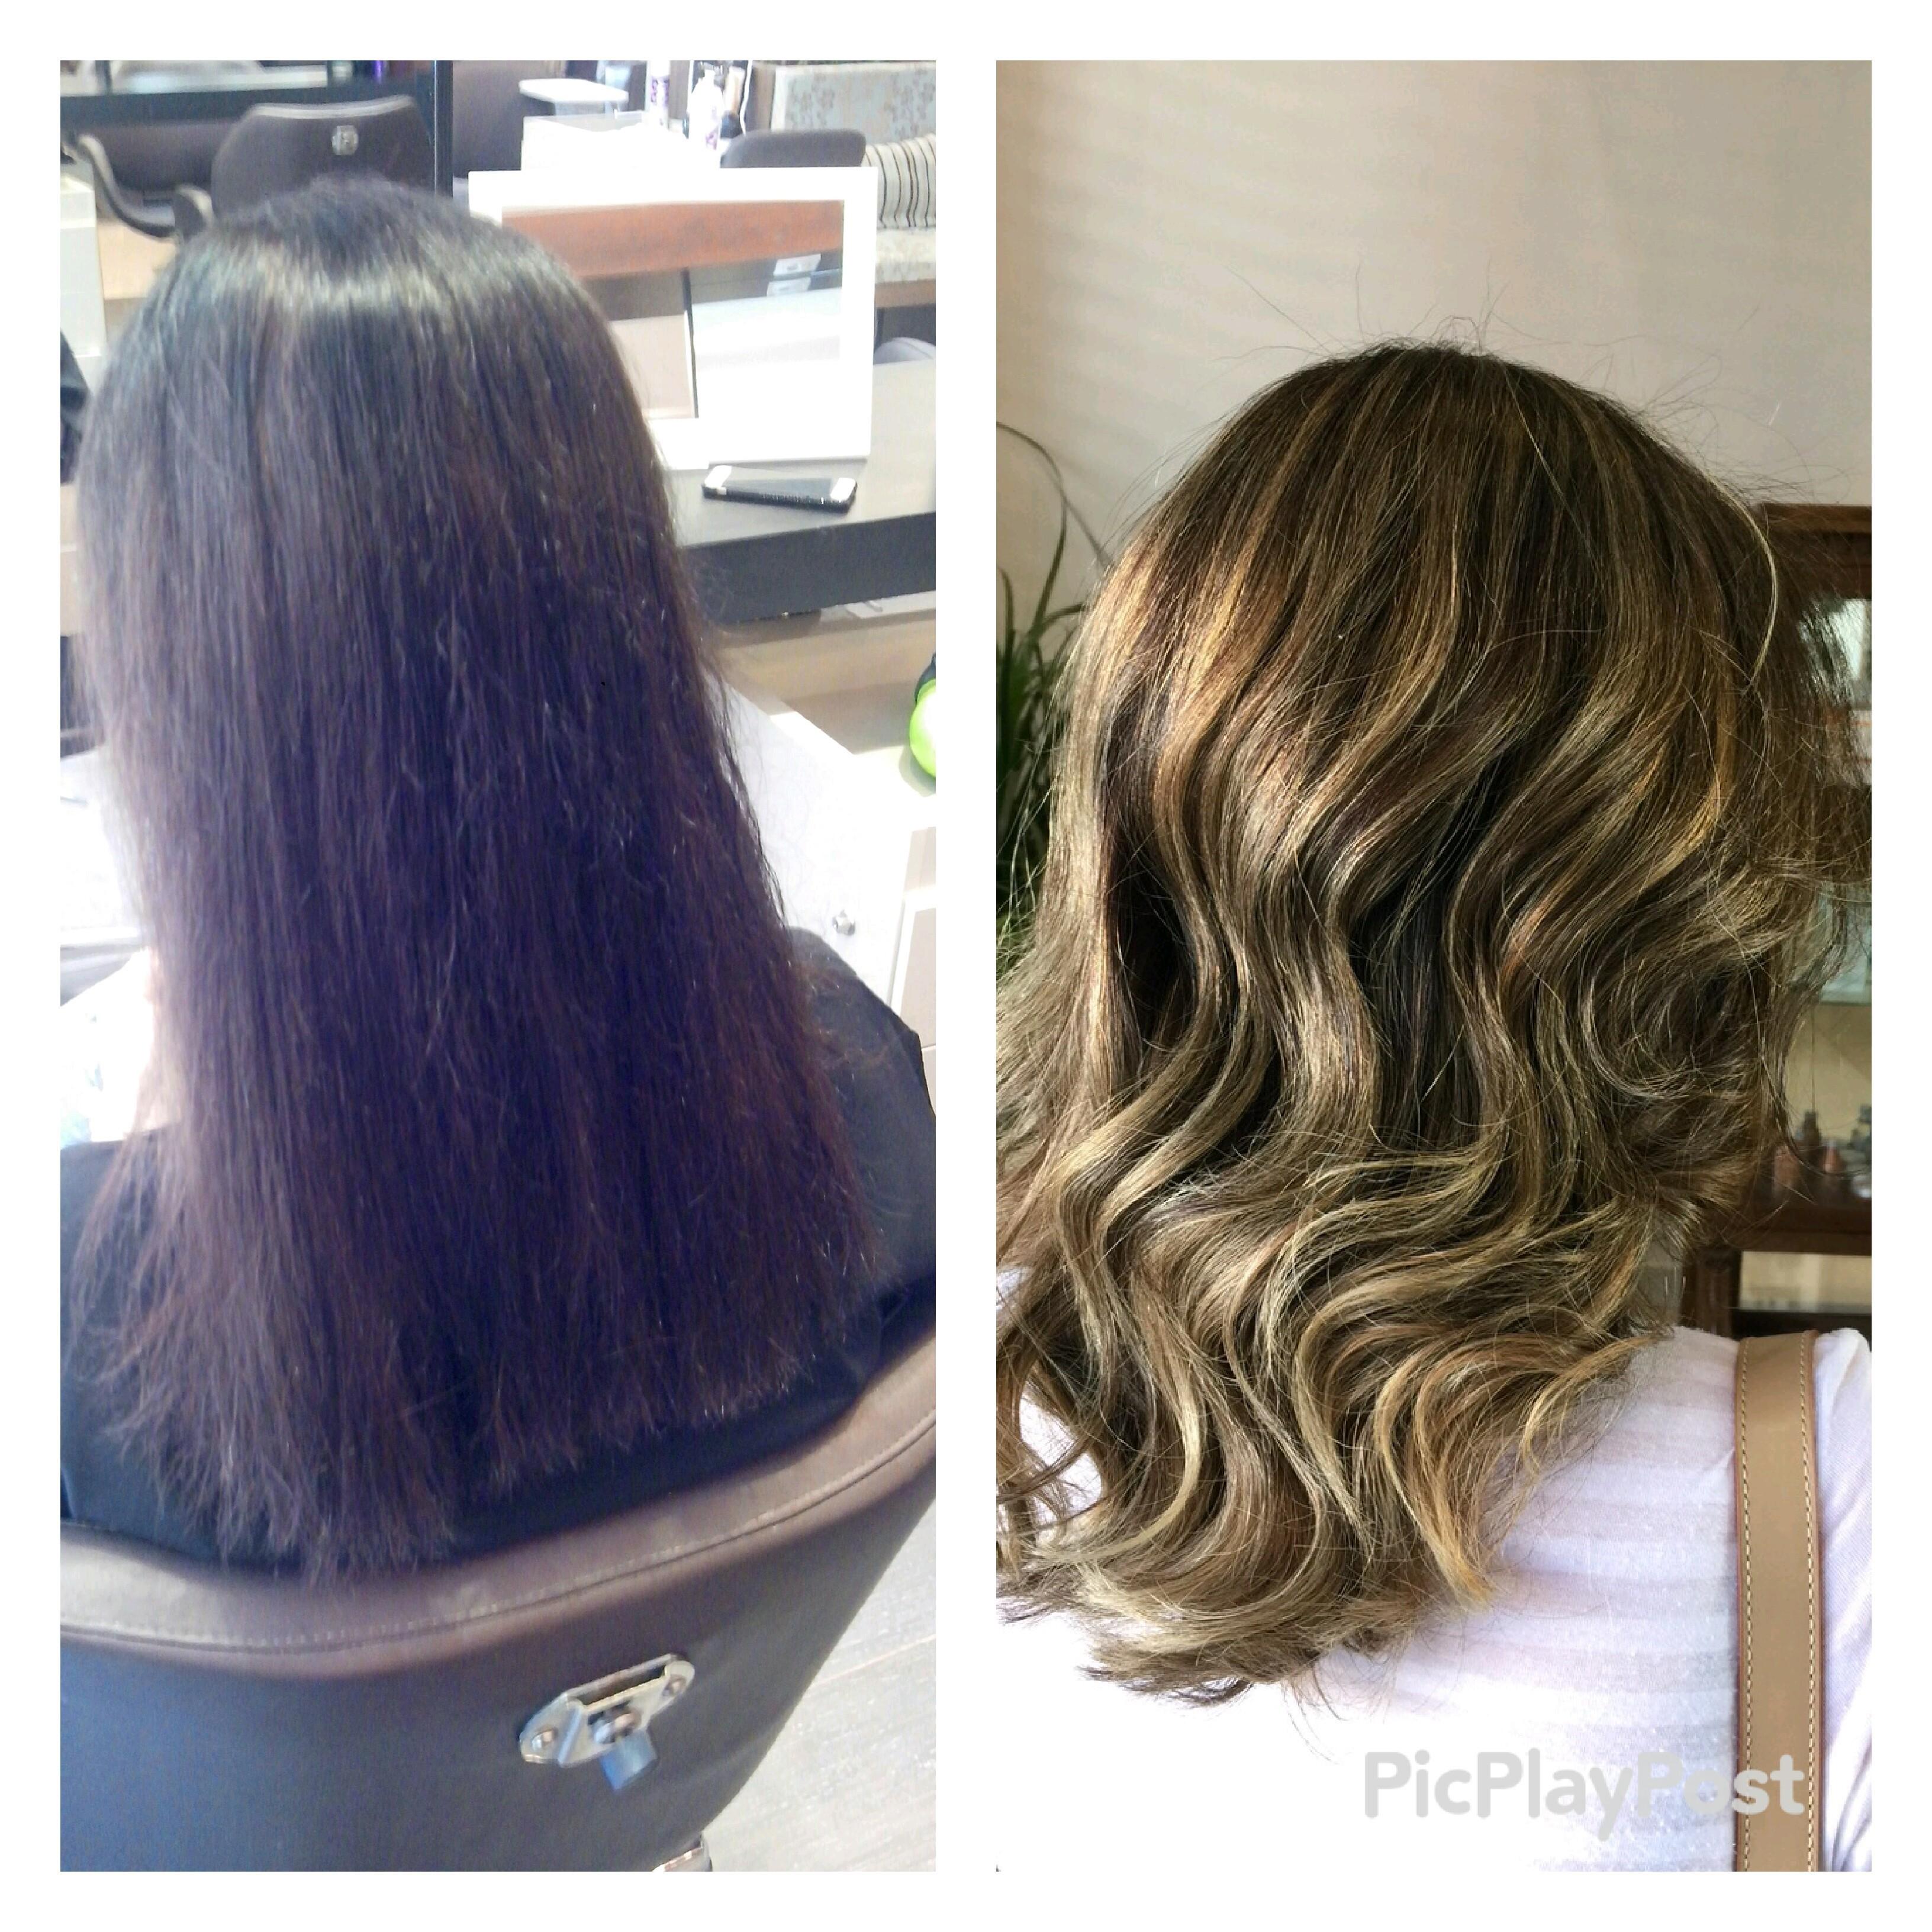 Cabelo com coloracao castanho claro #iluminacao#comecandoaficarloira#loiromel#hair#waves cabeleireiro(a)